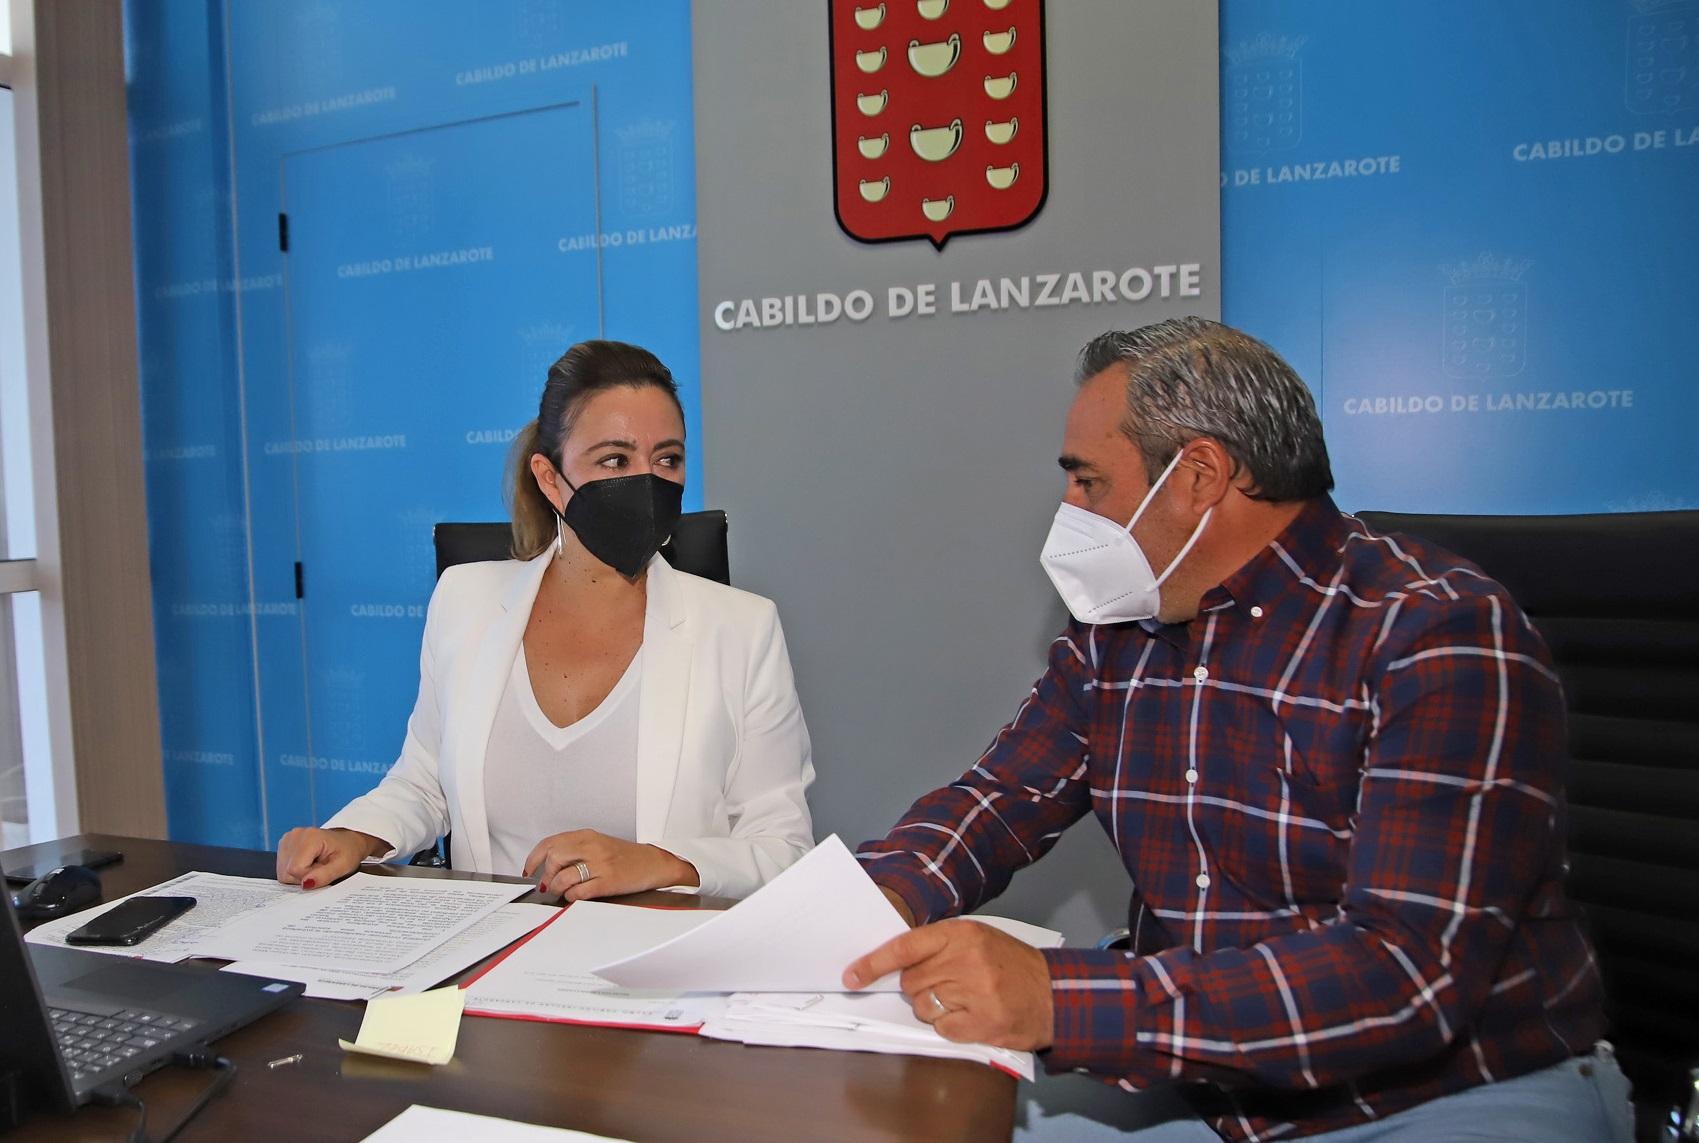 El Cabildo convoca las subvenciones para las nuevas empresas agroalimentarias por un importe de 100.000 euros